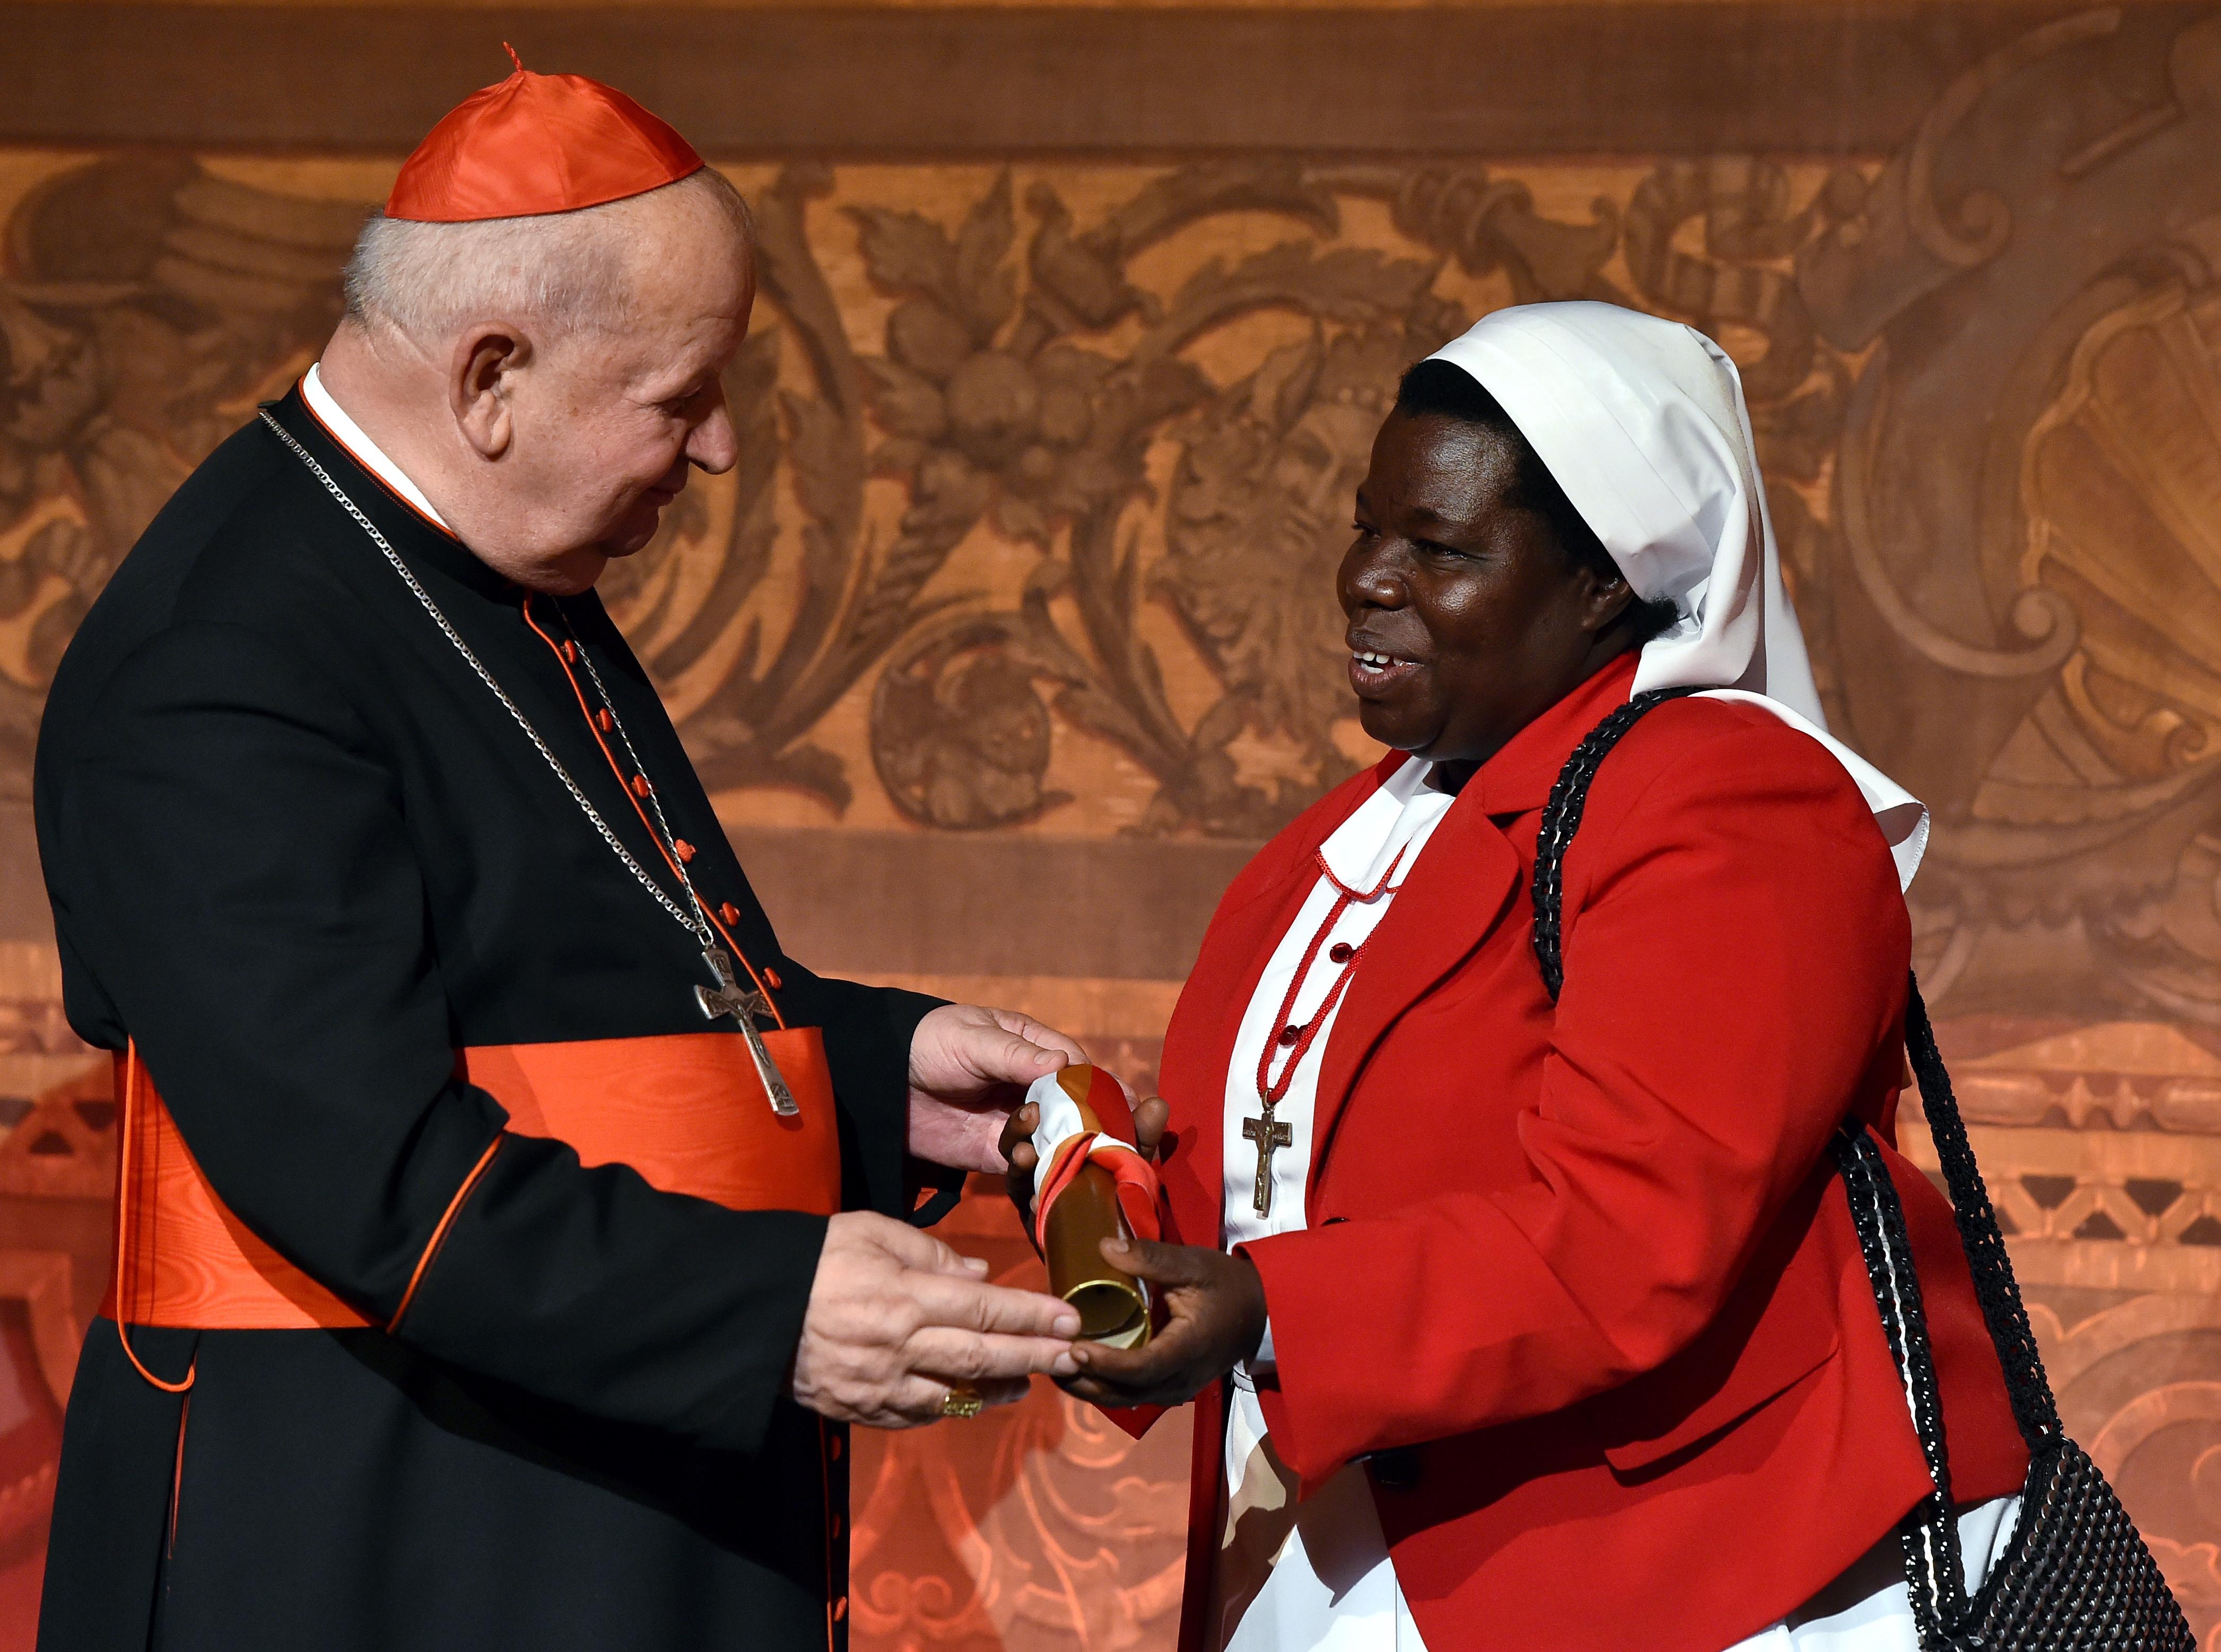 Uroczysta gala wręczenia nagrody im. Jana Pawła II